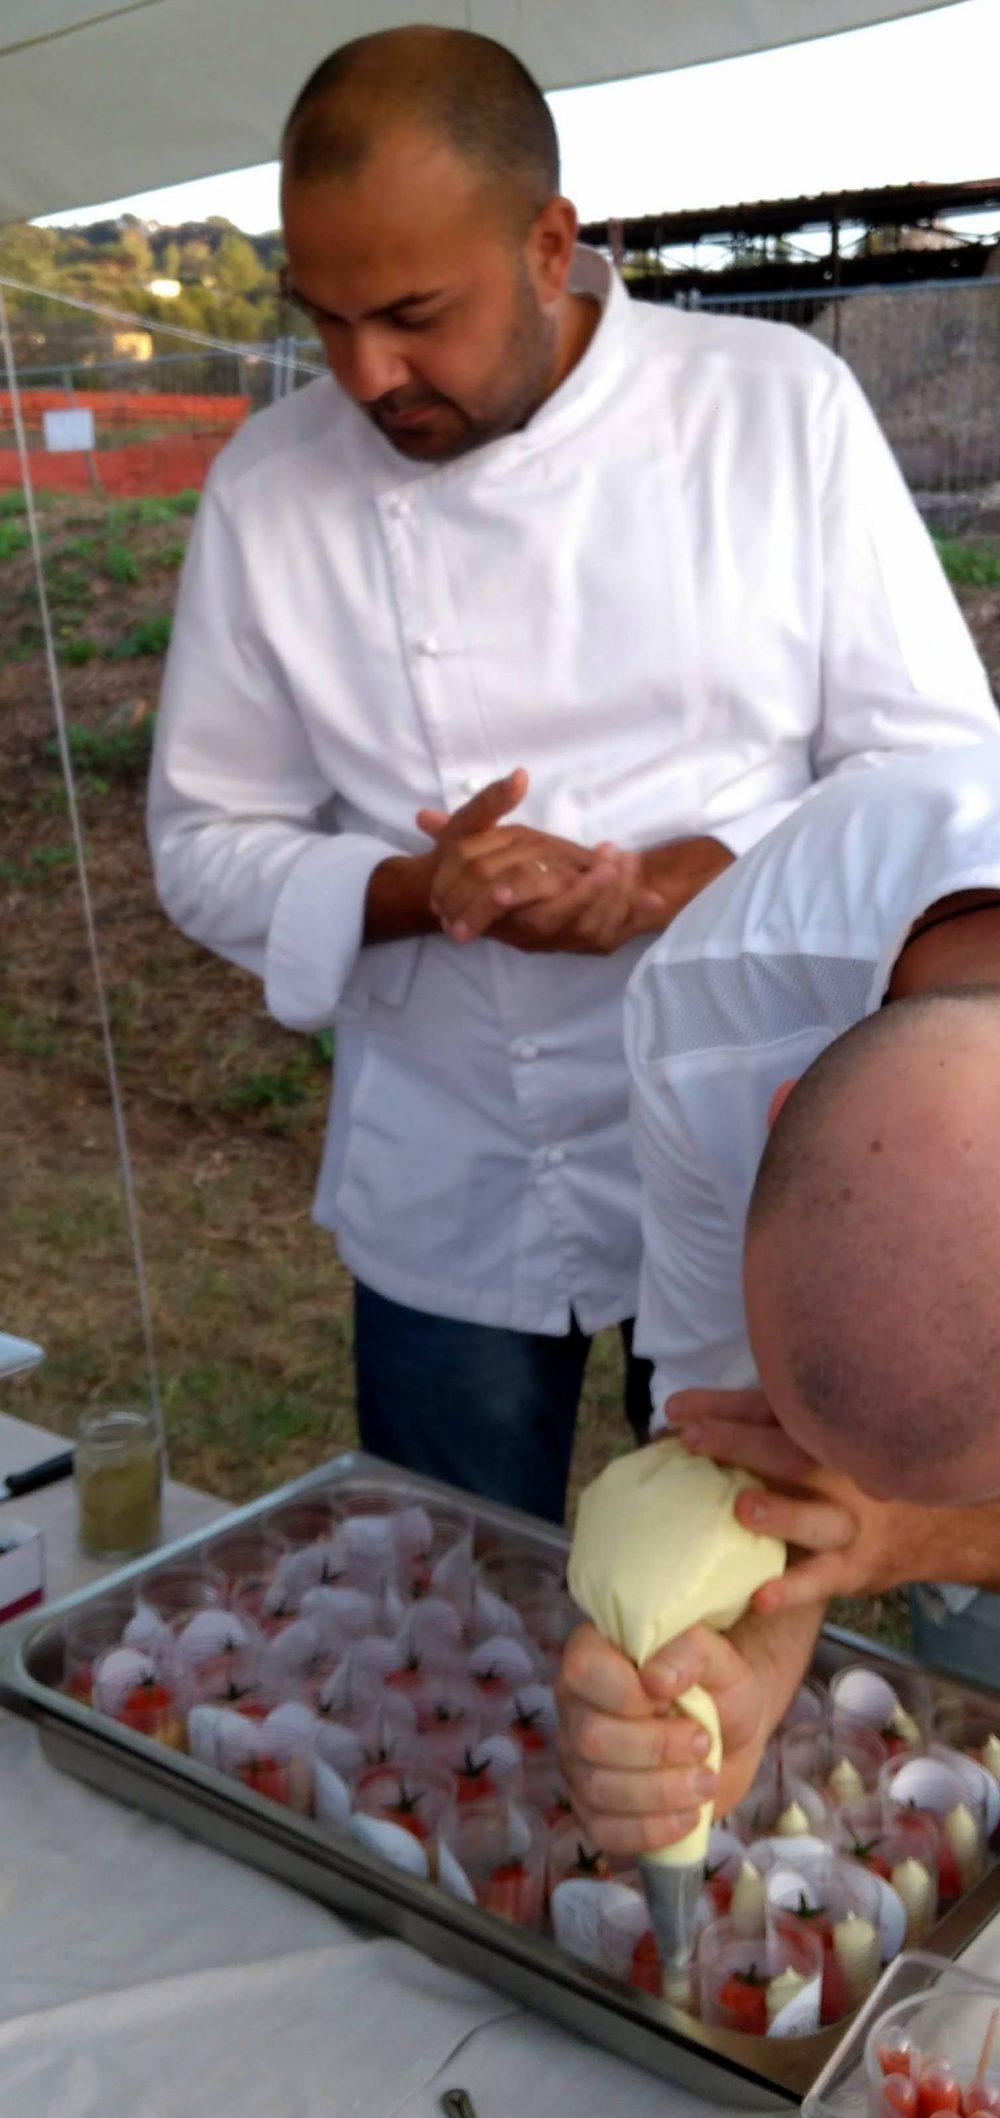 Angelo Carannante del ristorante Caracol, Miseno Bacoli